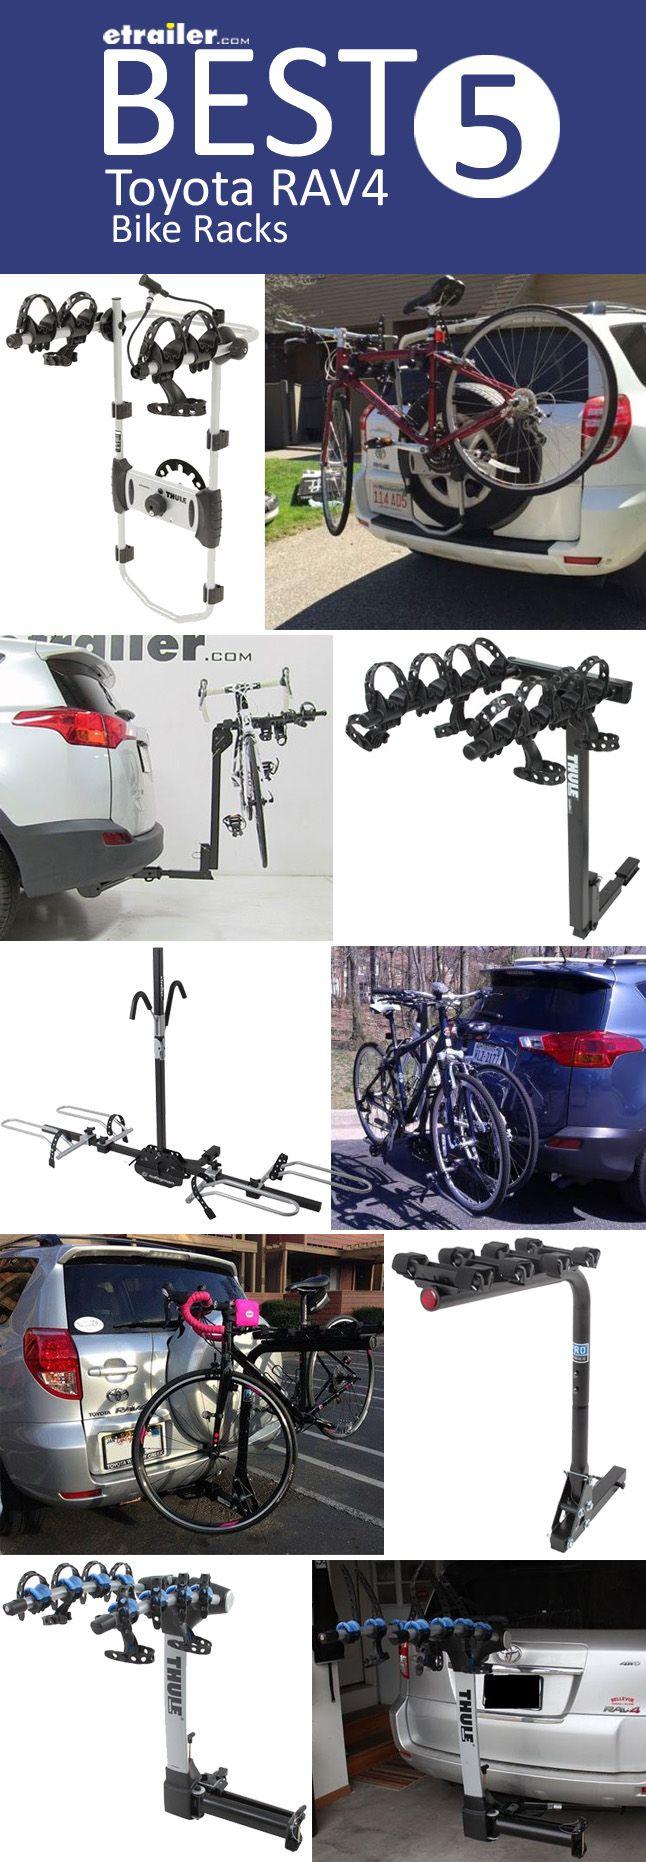 best 5 toyota rav4 bike racks swinging